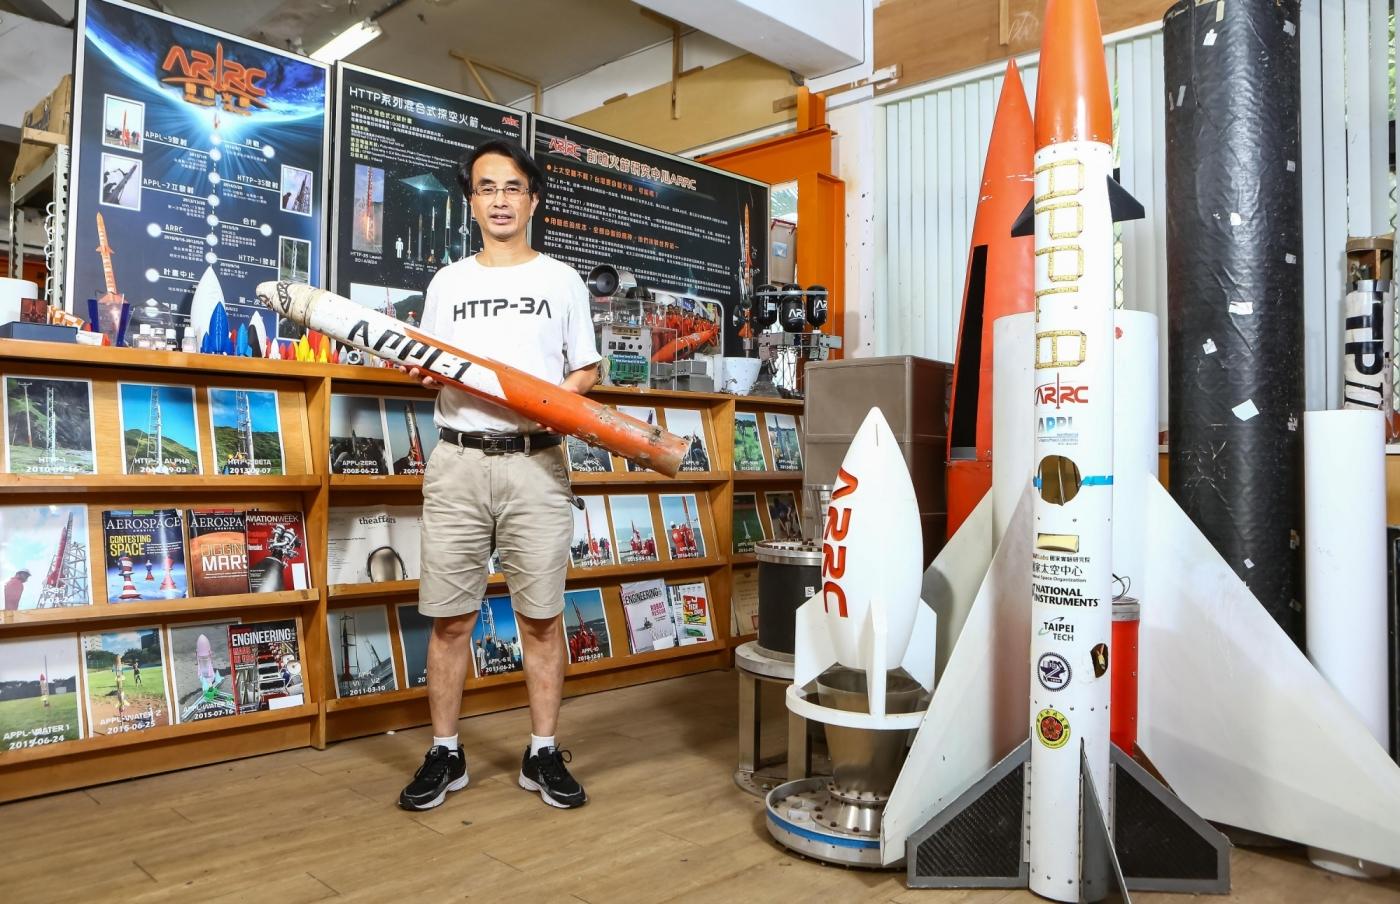 火箭阿伯吳宗信二度集資!拚明年七月發射,續寫台灣「太空夢」